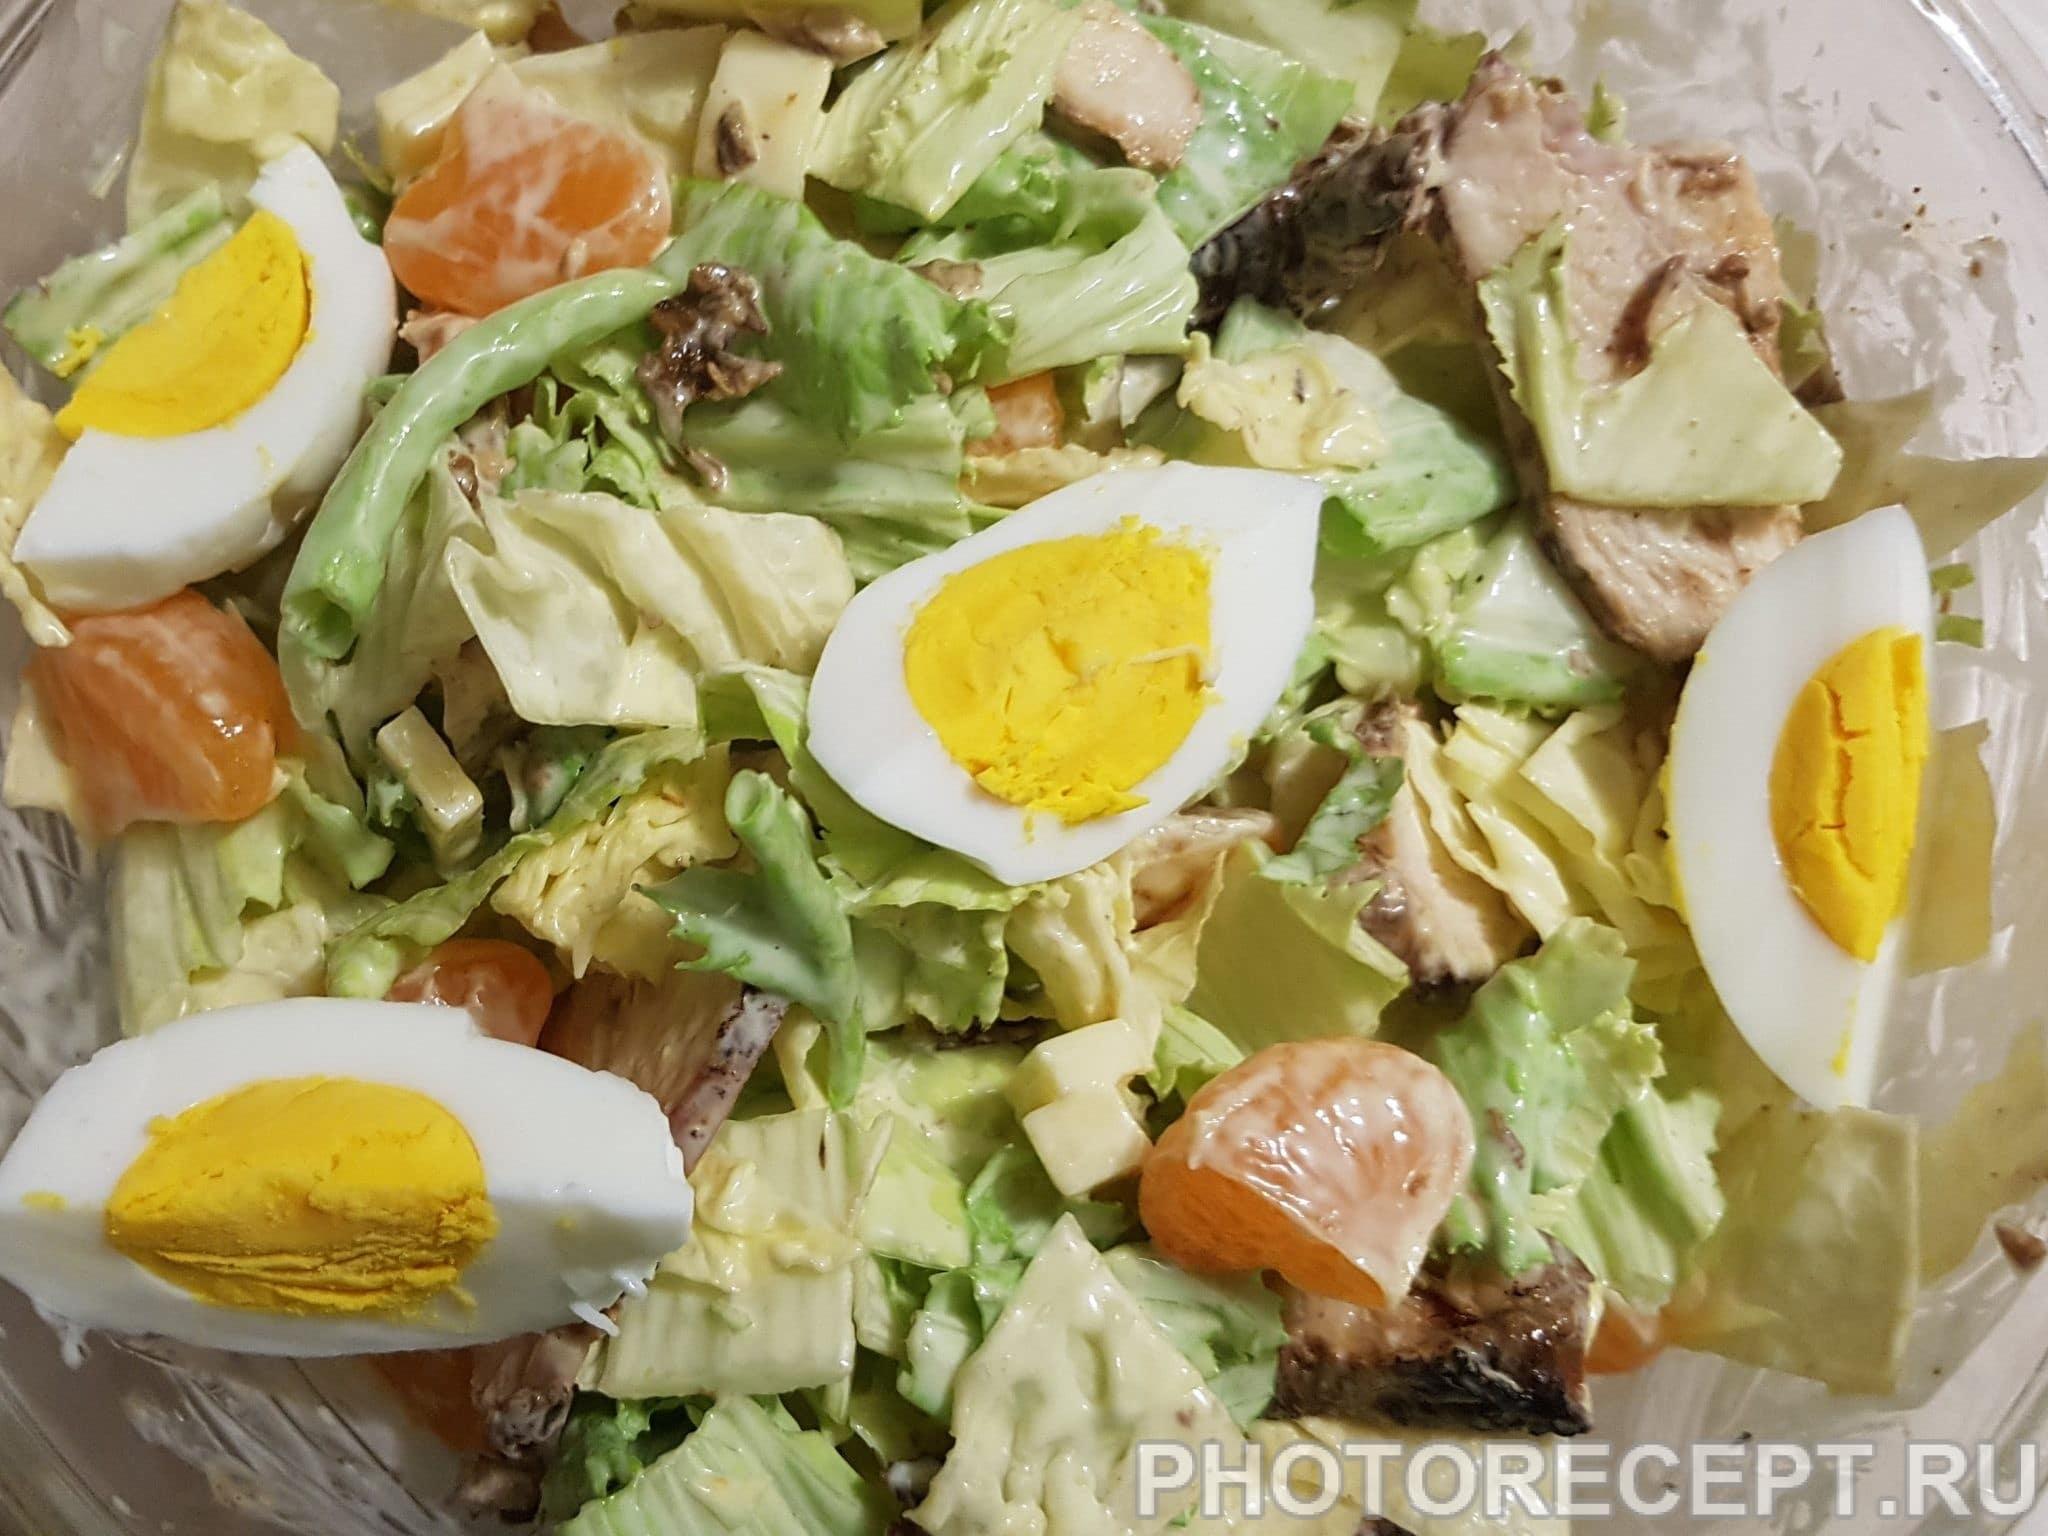 Салат с пекинской капустой и куриной грудкой и сухариками рецепт с